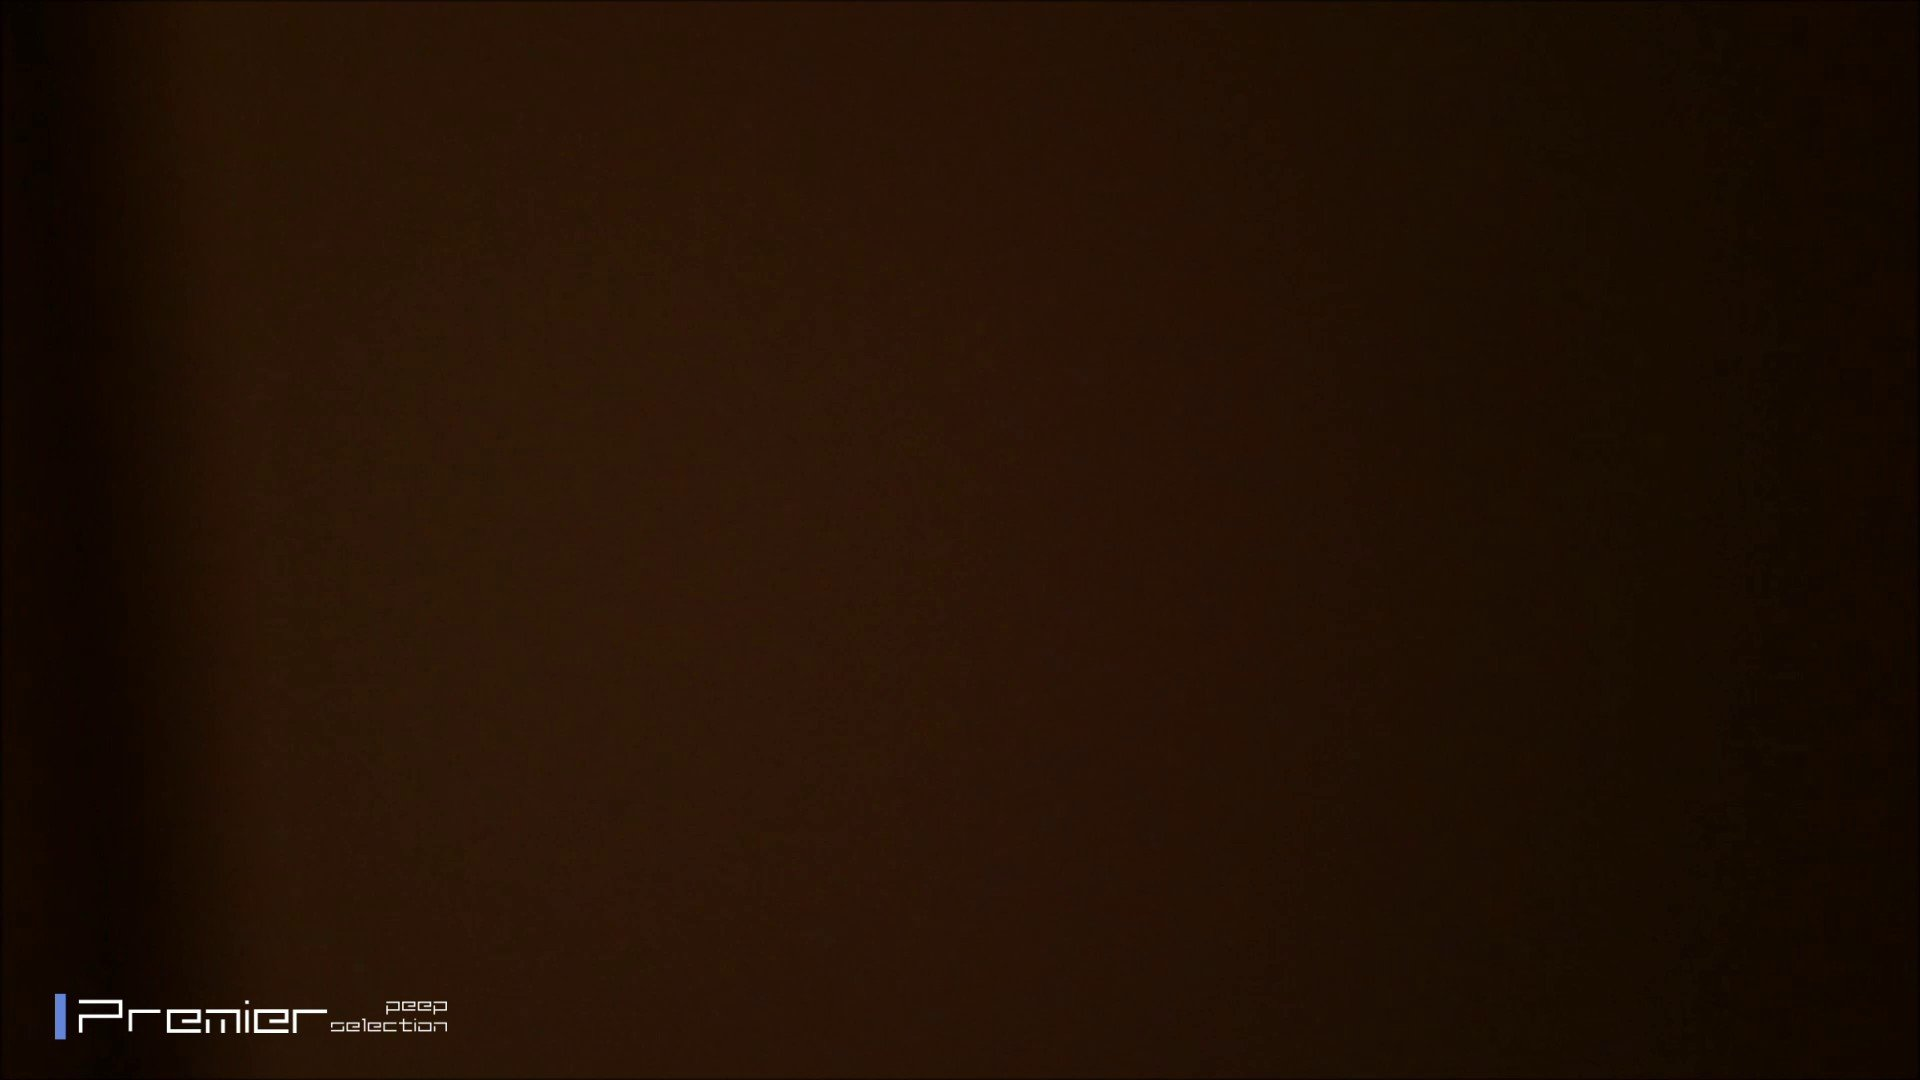 シャワーのお湯を跳ね返すお肌 乙女の風呂場 Vol.03 モデルコレクション | 乙女達のヌード  44連発 41